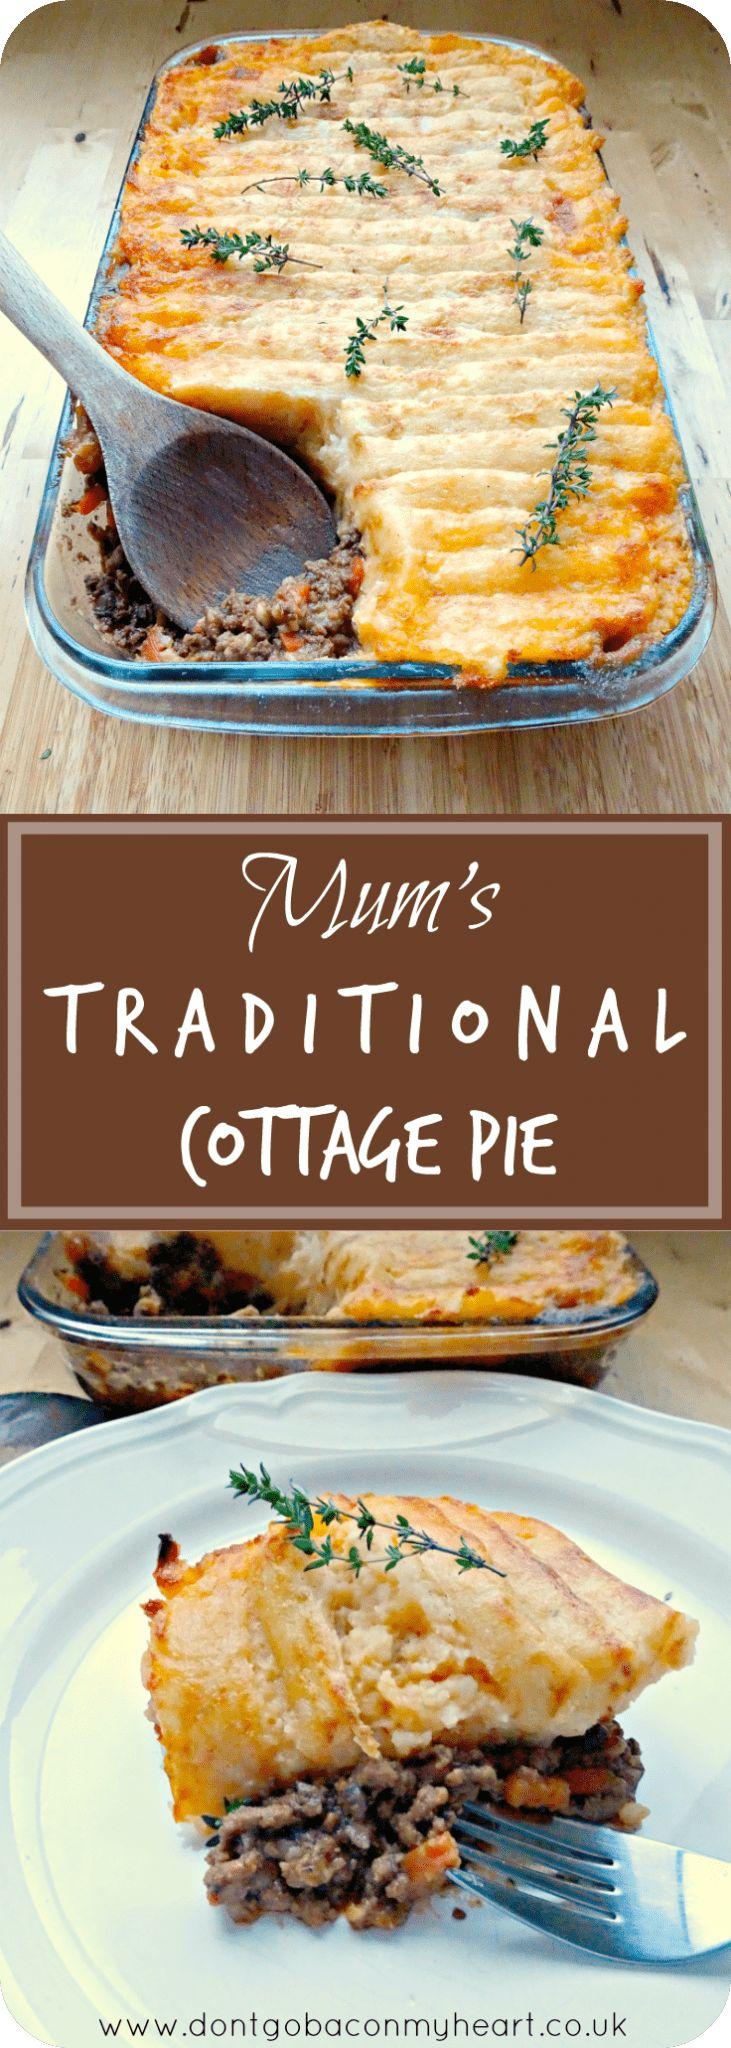 mum's traditional cottage pie recipe